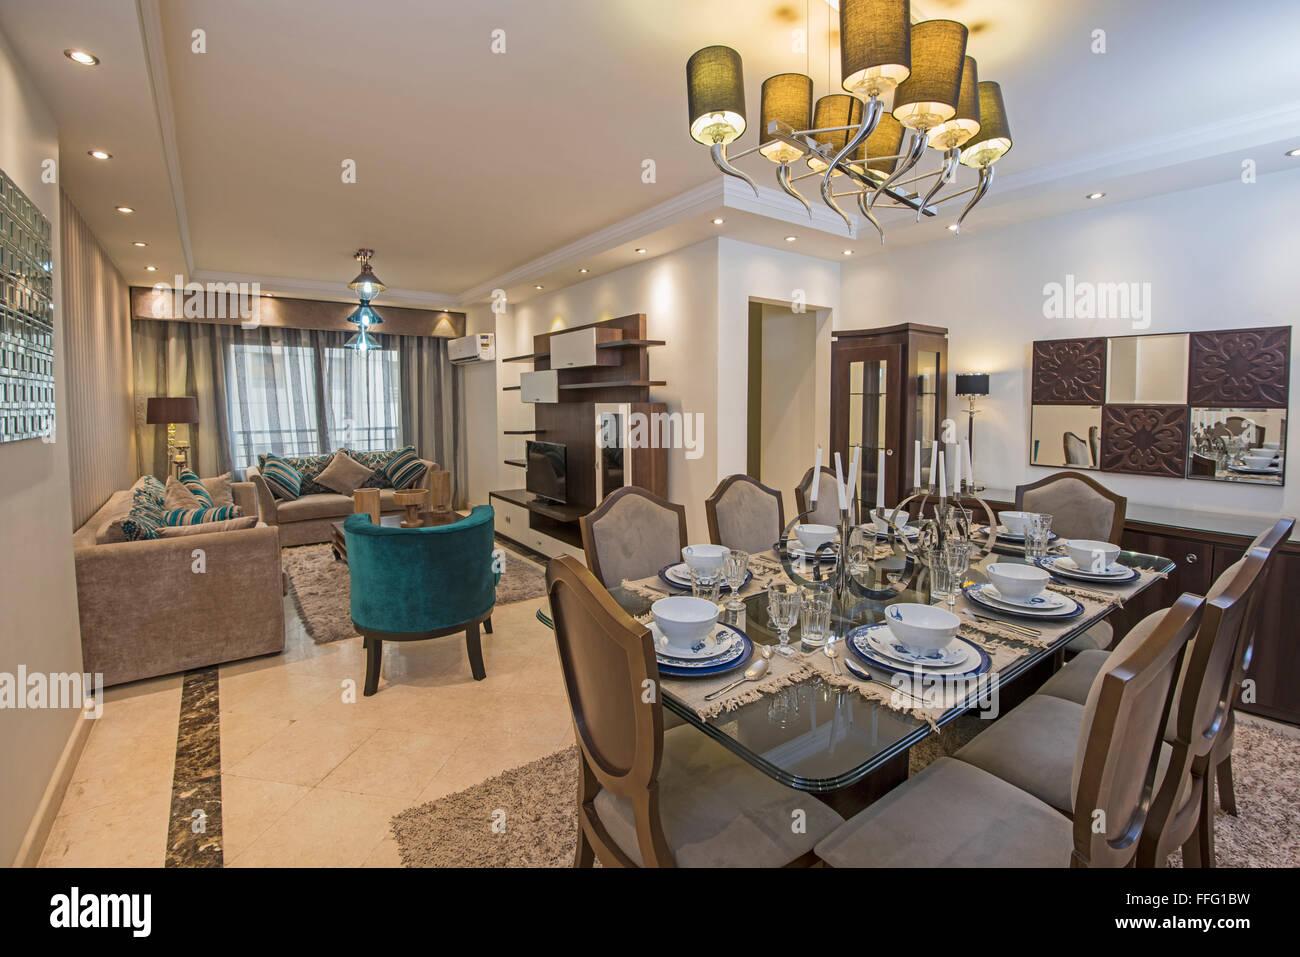 Sogni mai di vivere in una casa di lusso? Il Design Degli Interni Di Un Appartamento Di Lusso Show Home Area Soggiorno E Salotto Con Tavolo Da Pranzo Foto Stock Alamy